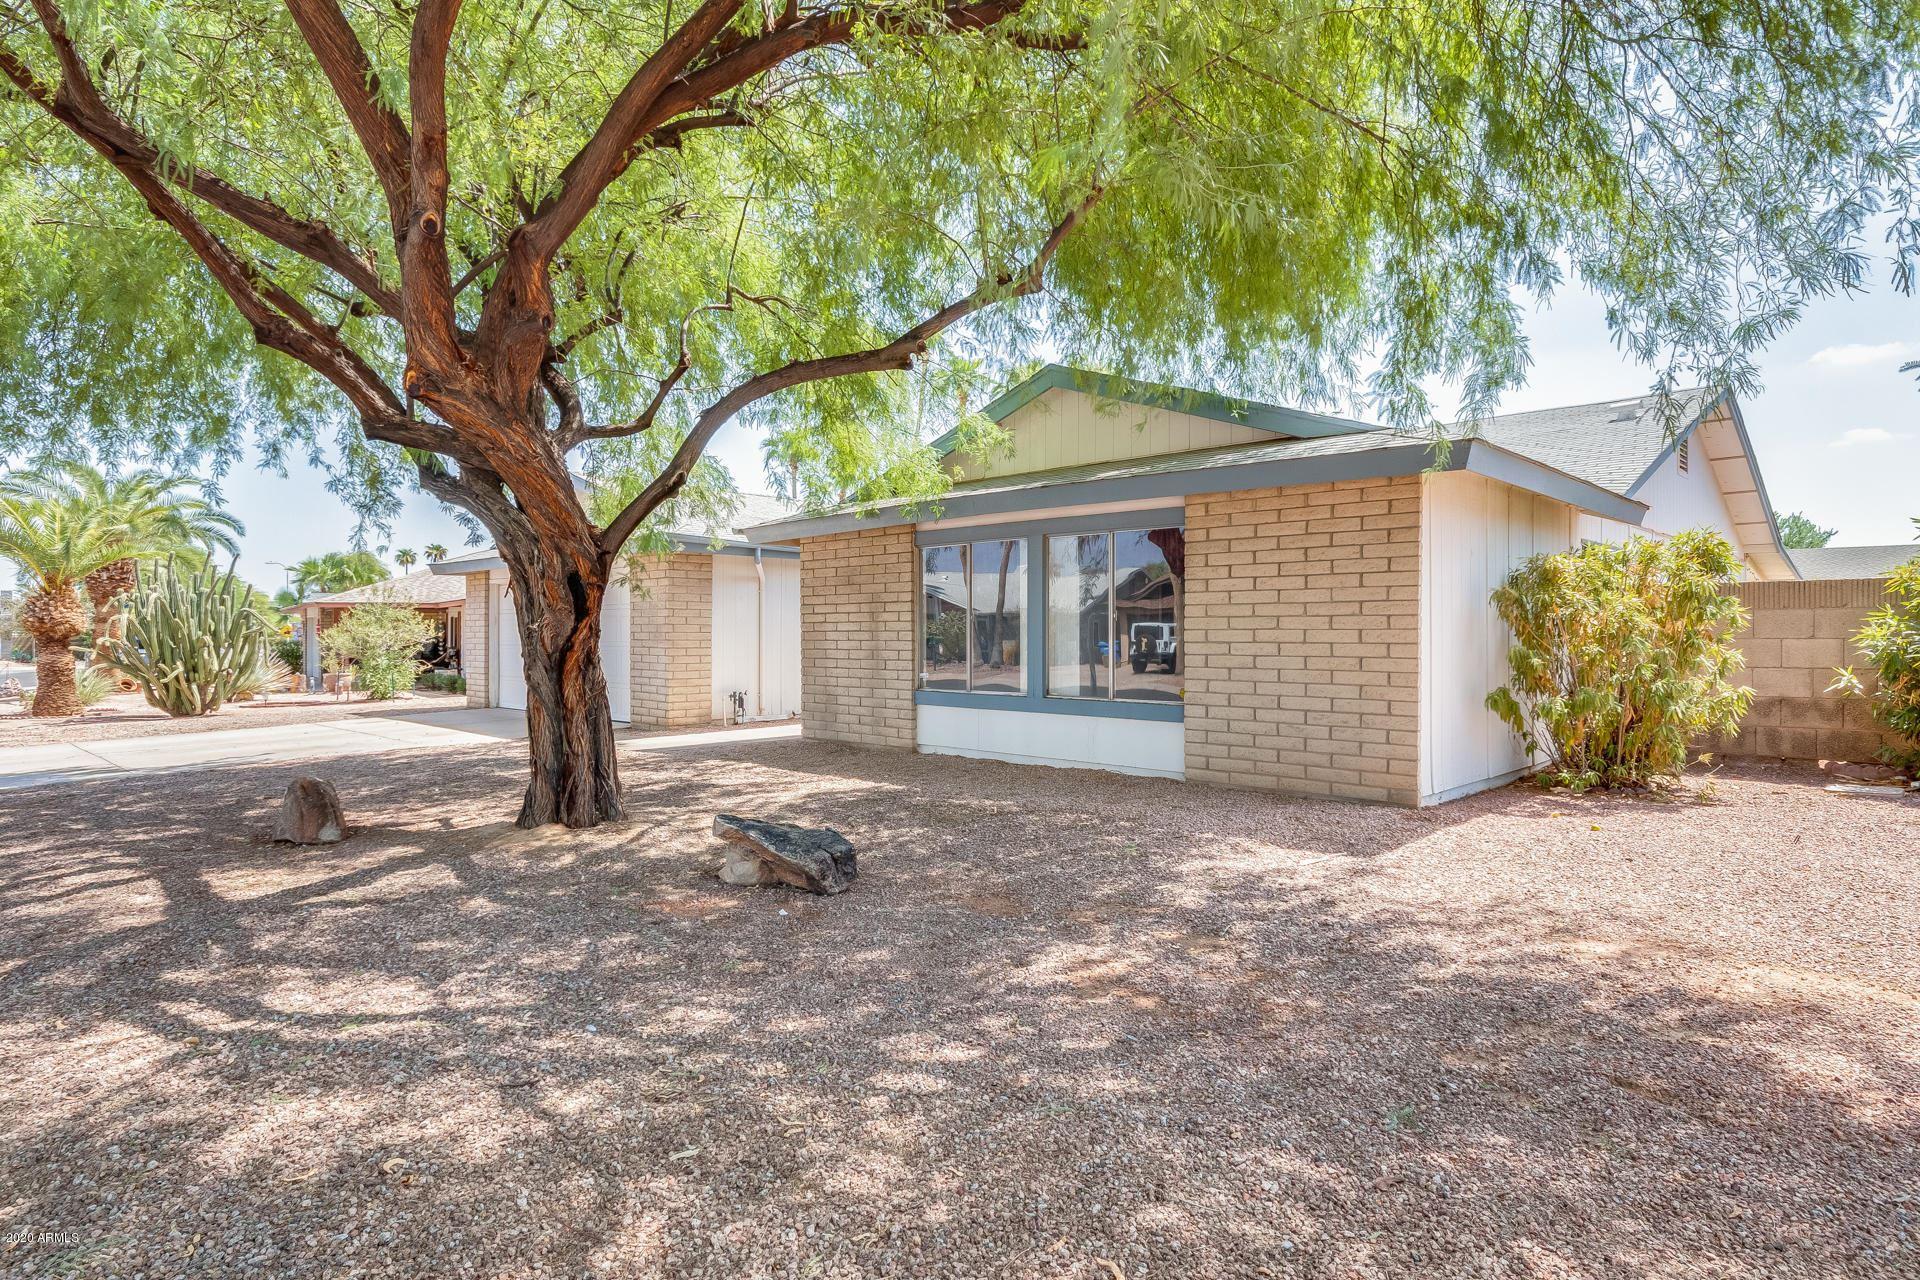 4329 E AHWATUKEE Drive, Phoenix, AZ 85044 - MLS#: 6123594